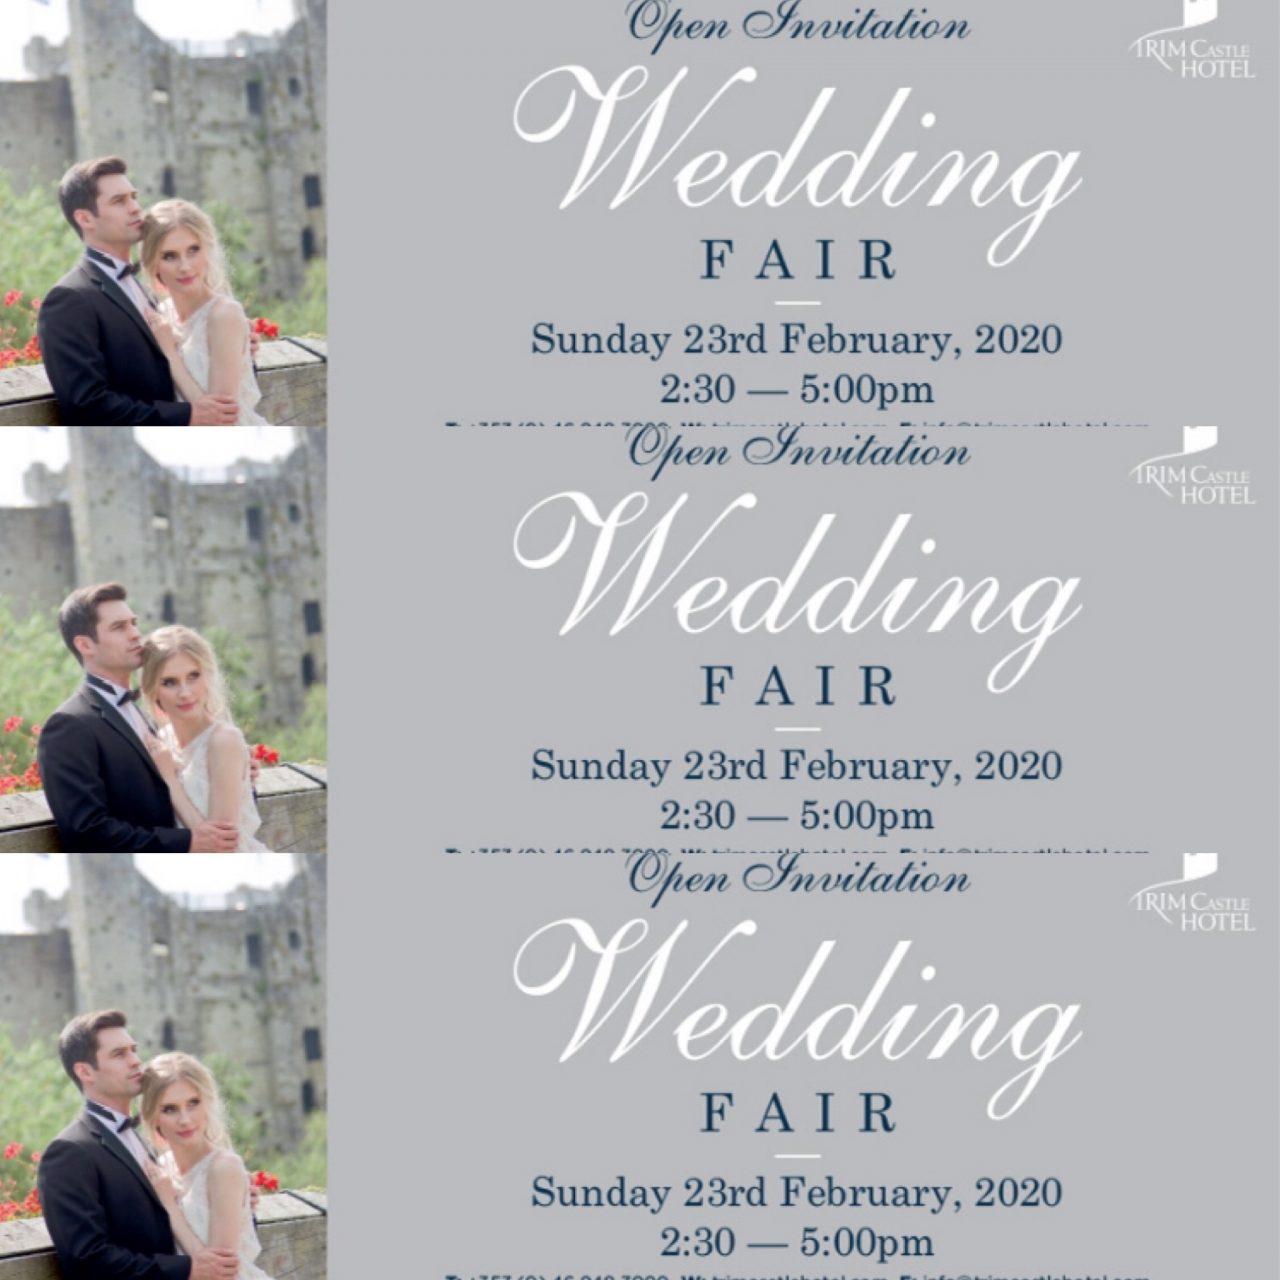 Trim Castle Hotel Wedding Fair 2020